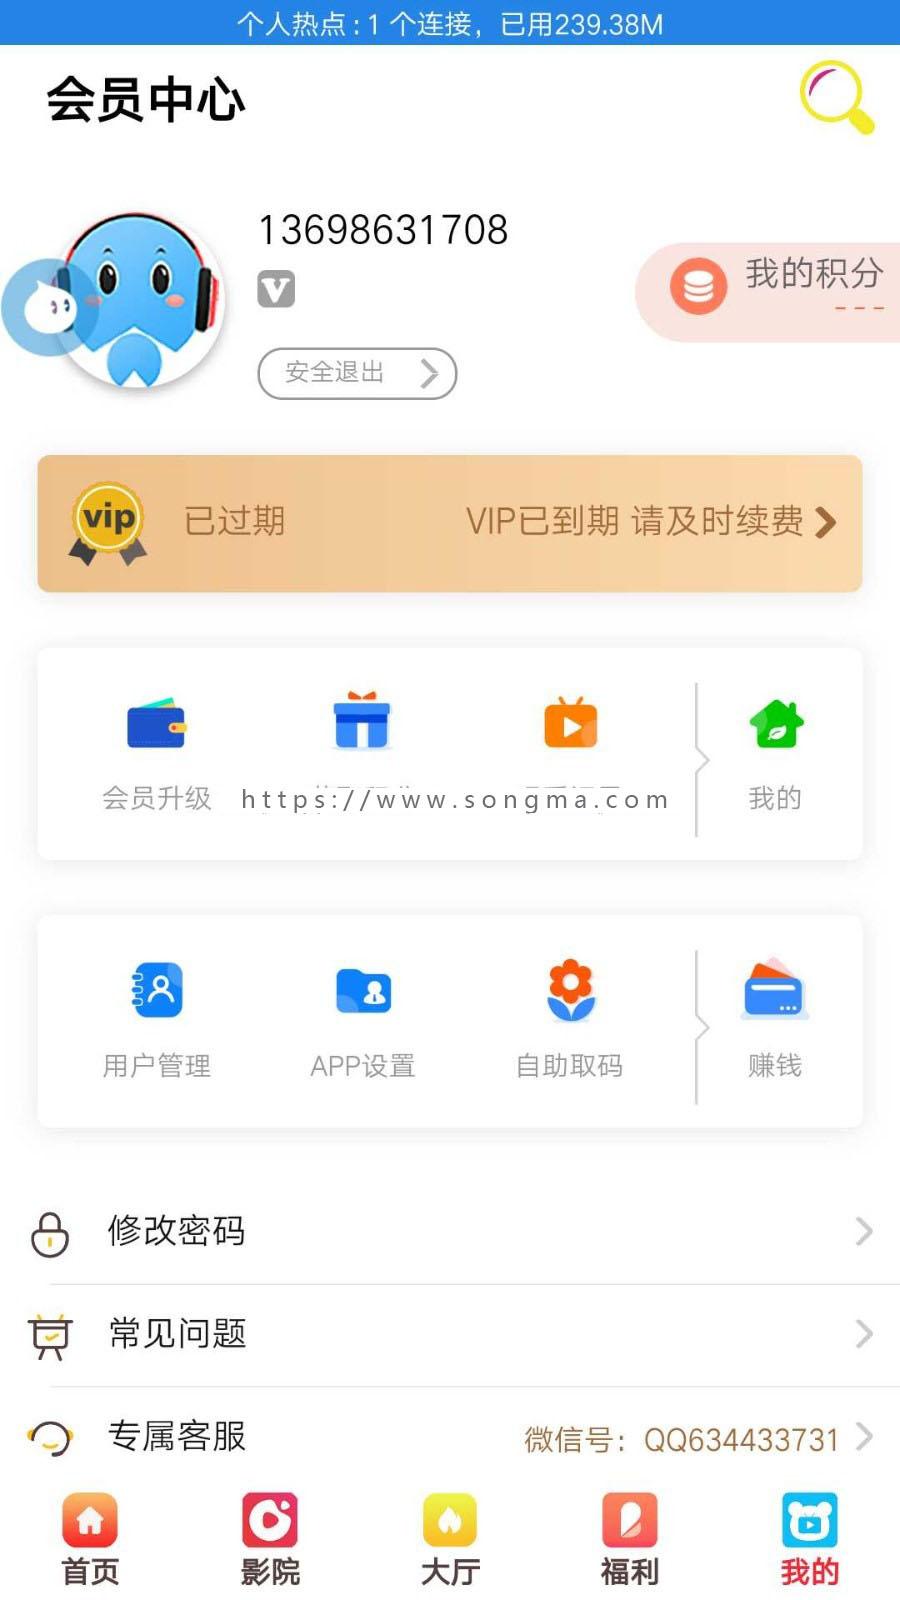 2018.11最新升级版千月影视源码全网影视APP双端影视APP带详细教程